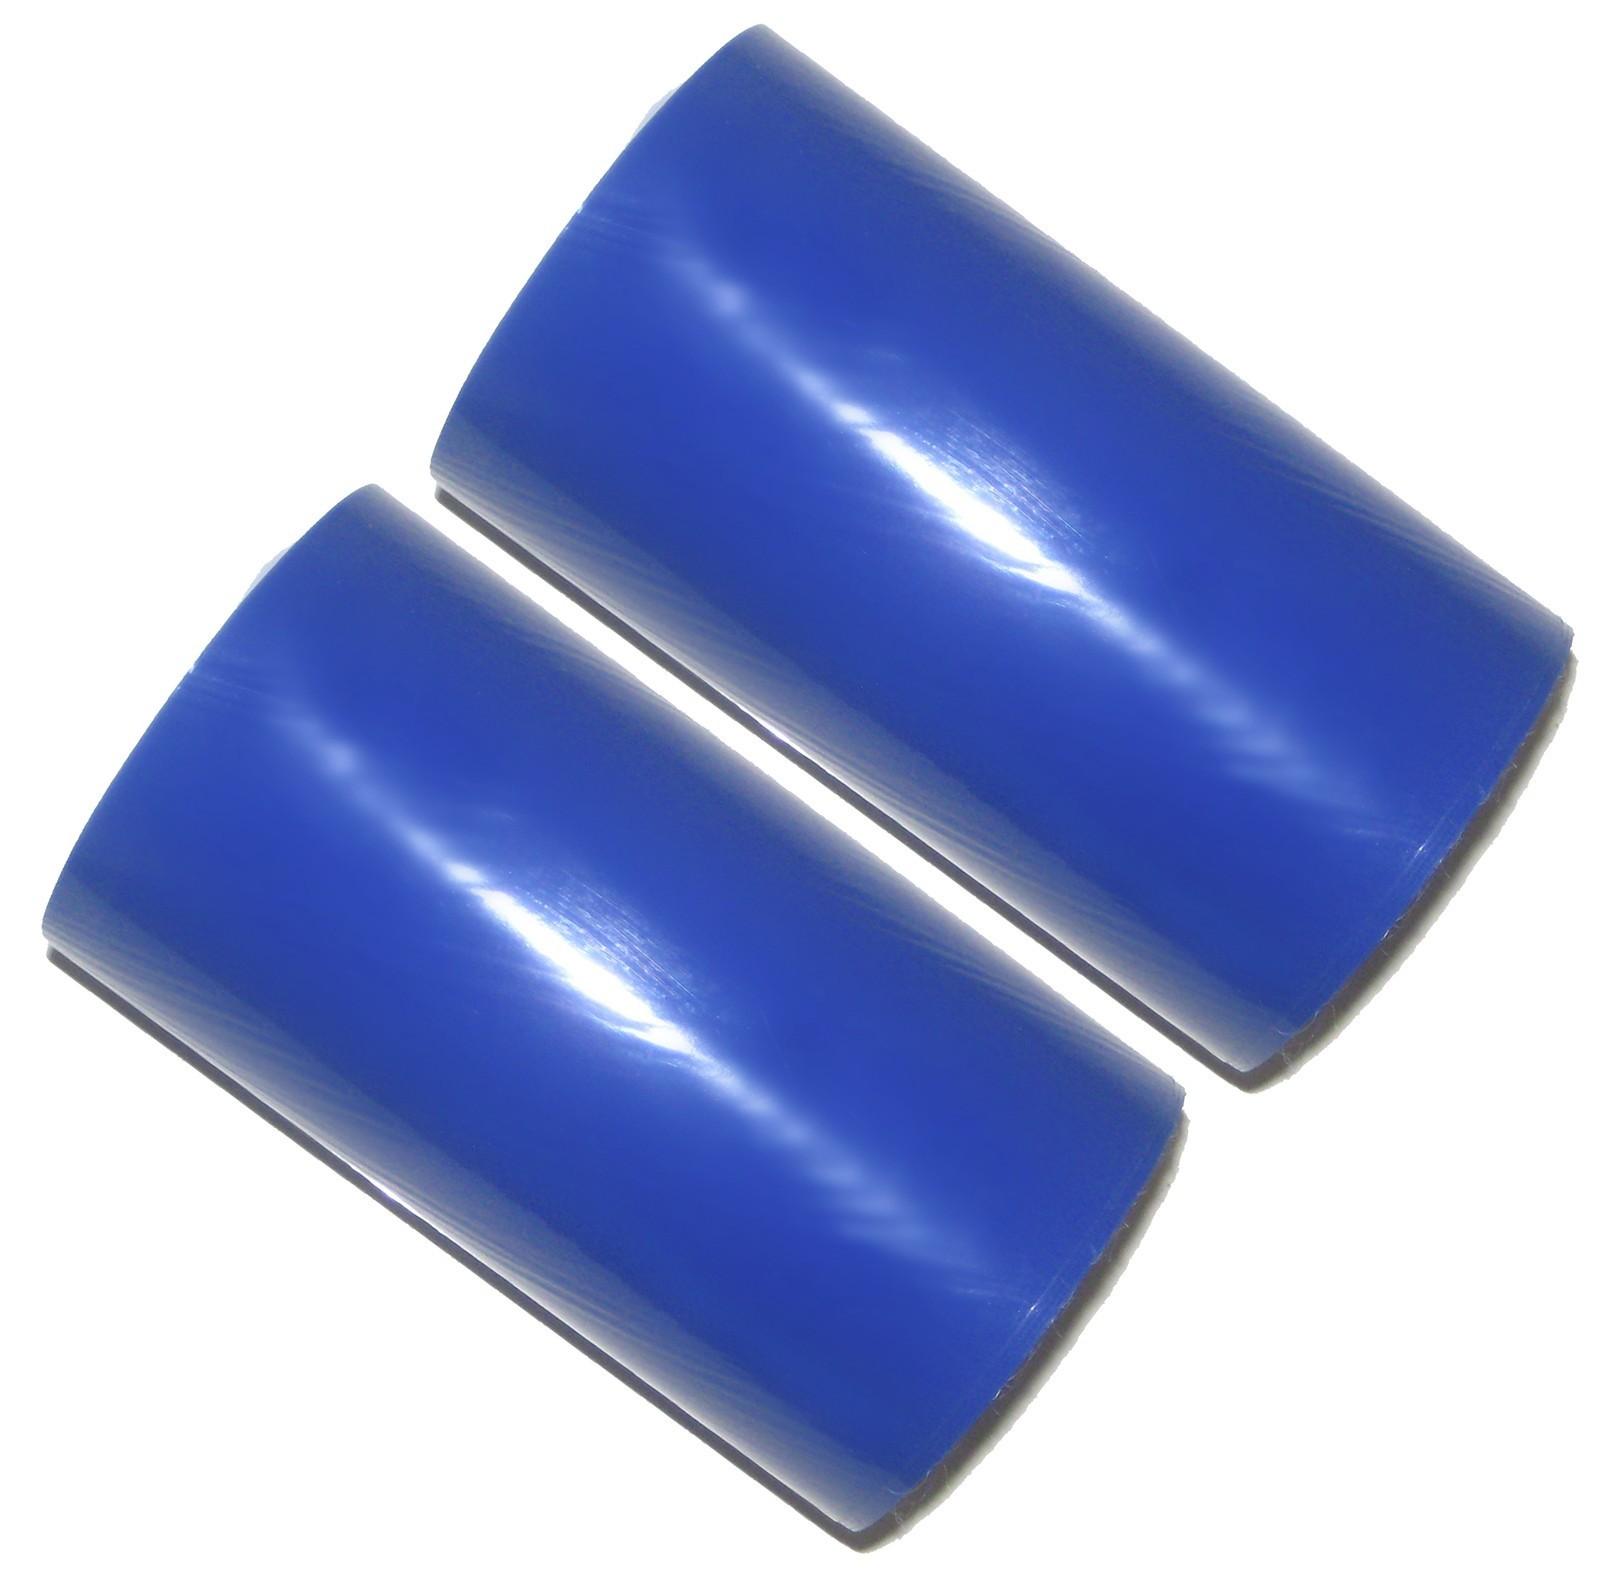 Hot Foil Stamp Rolls Blue